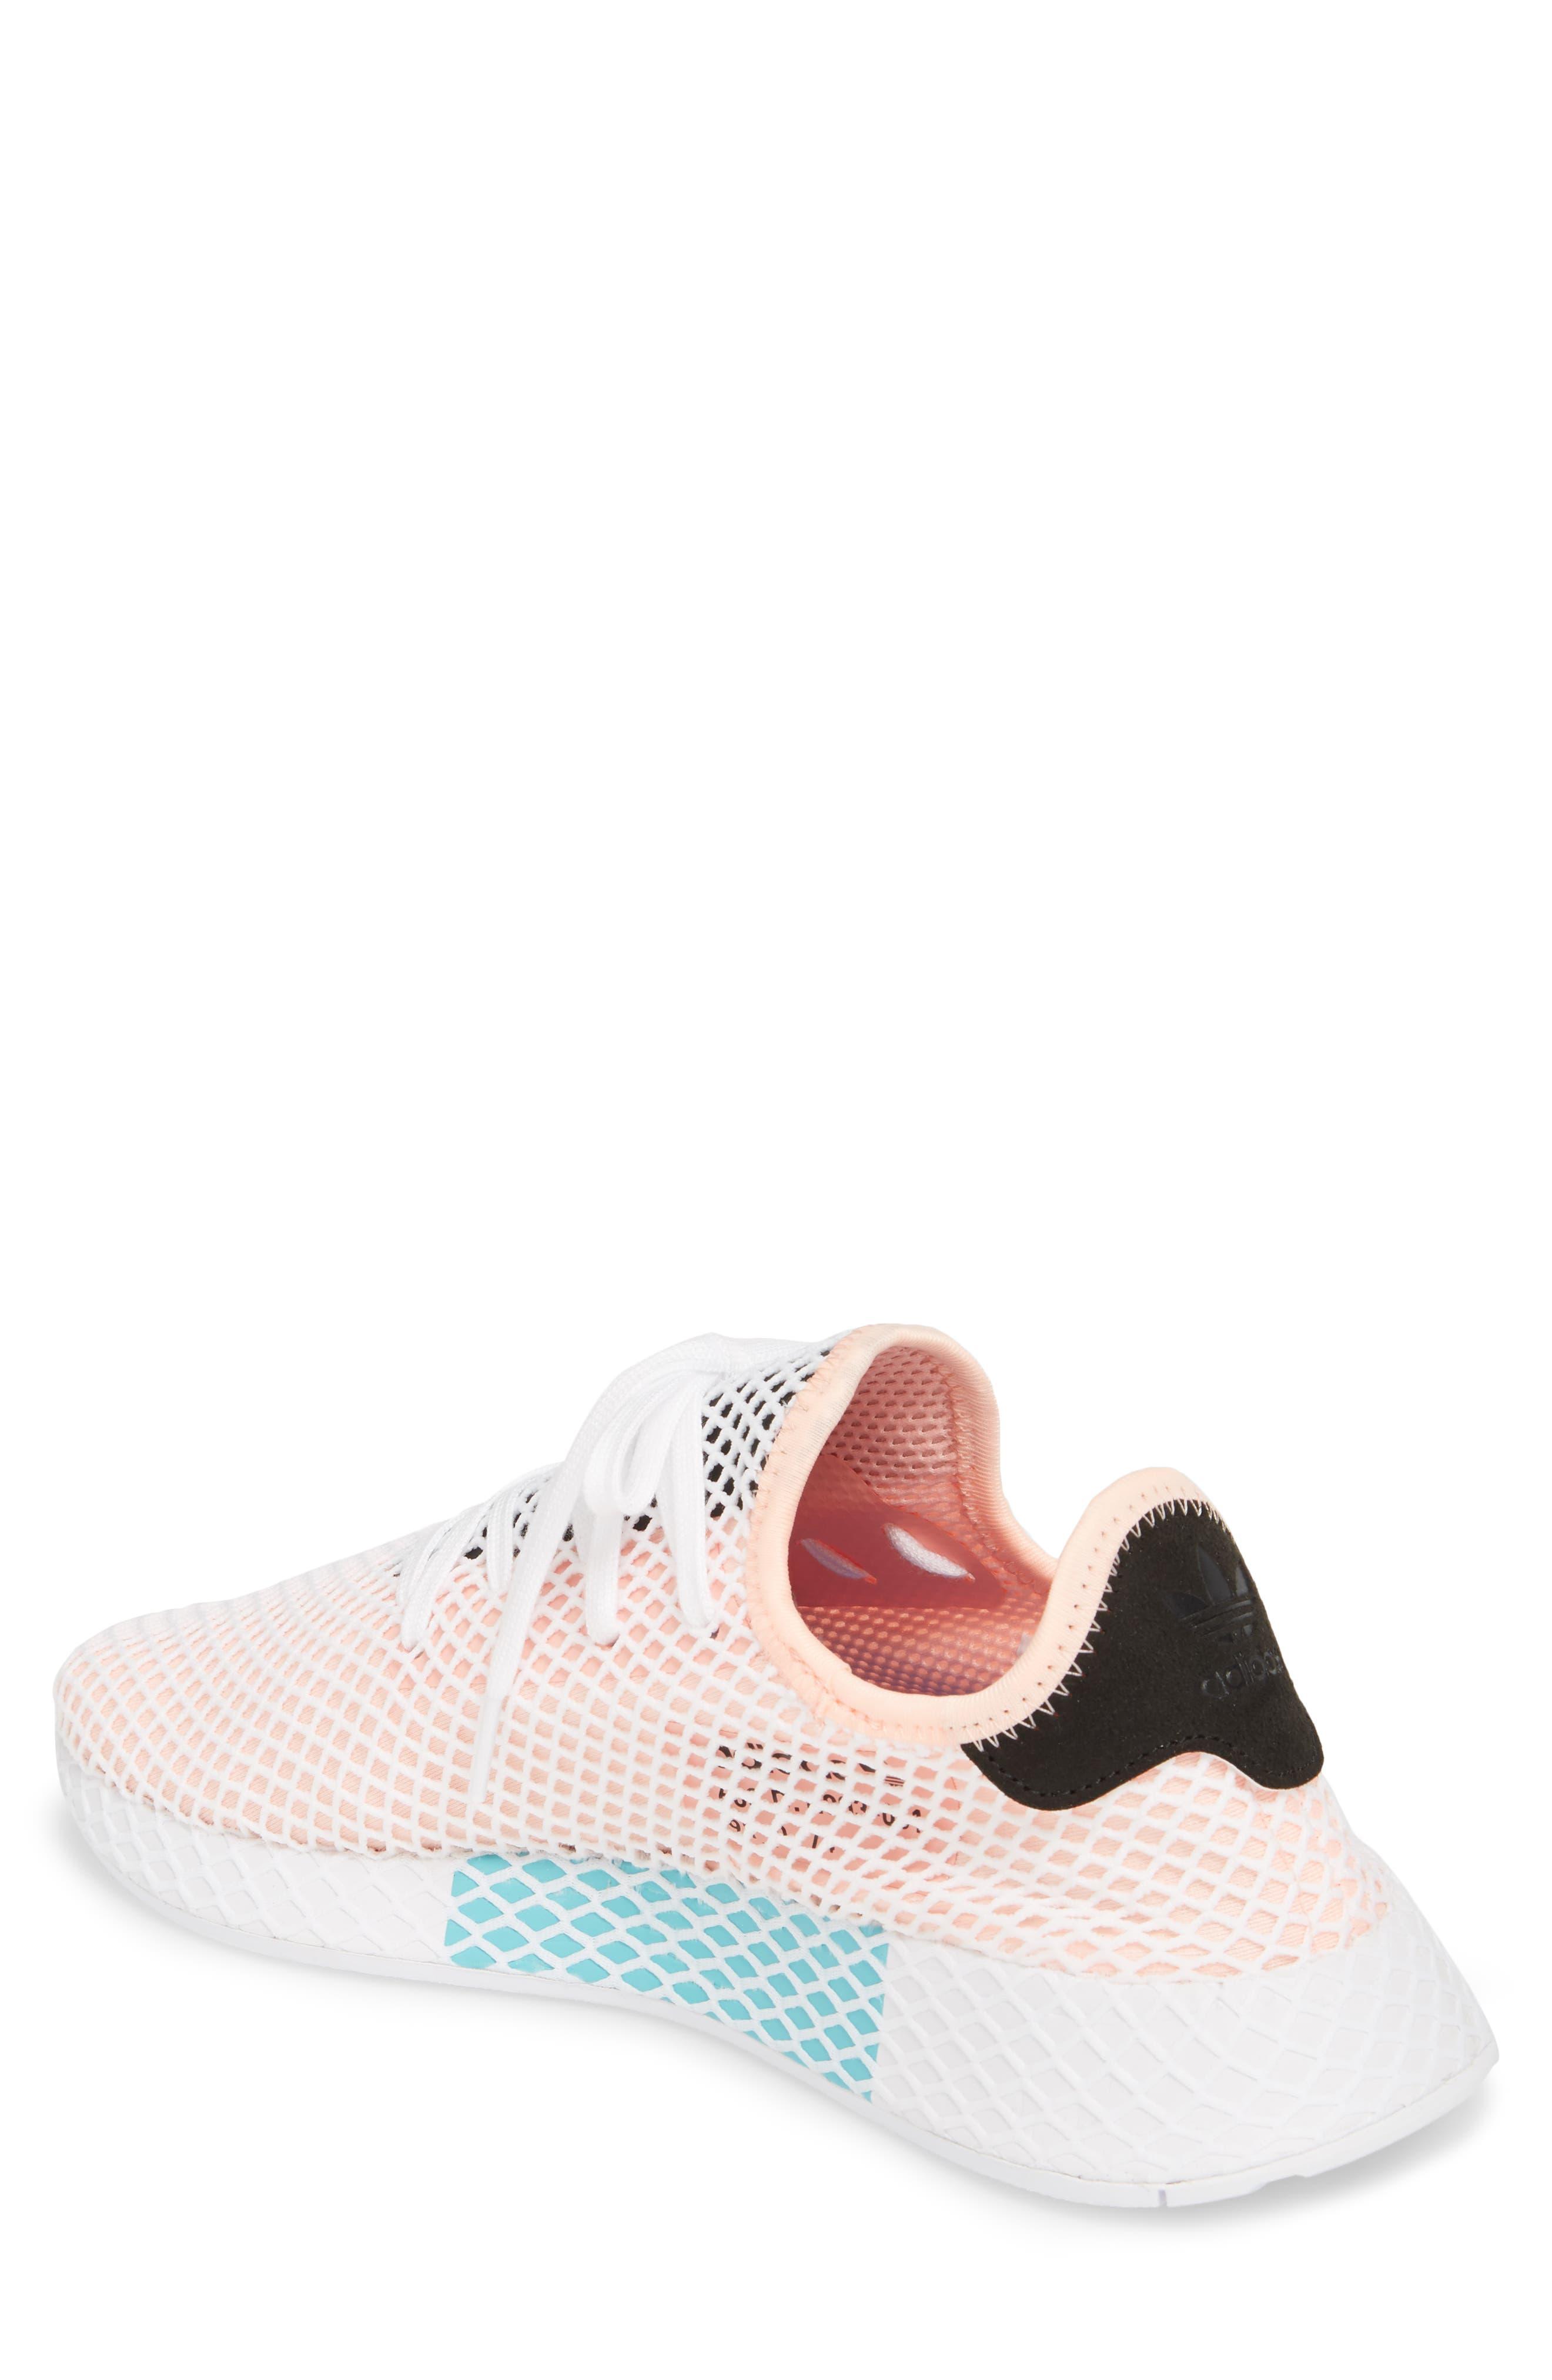 Deerupt Runner Sneaker,                             Alternate thumbnail 2, color,                             Black/ Black/ White